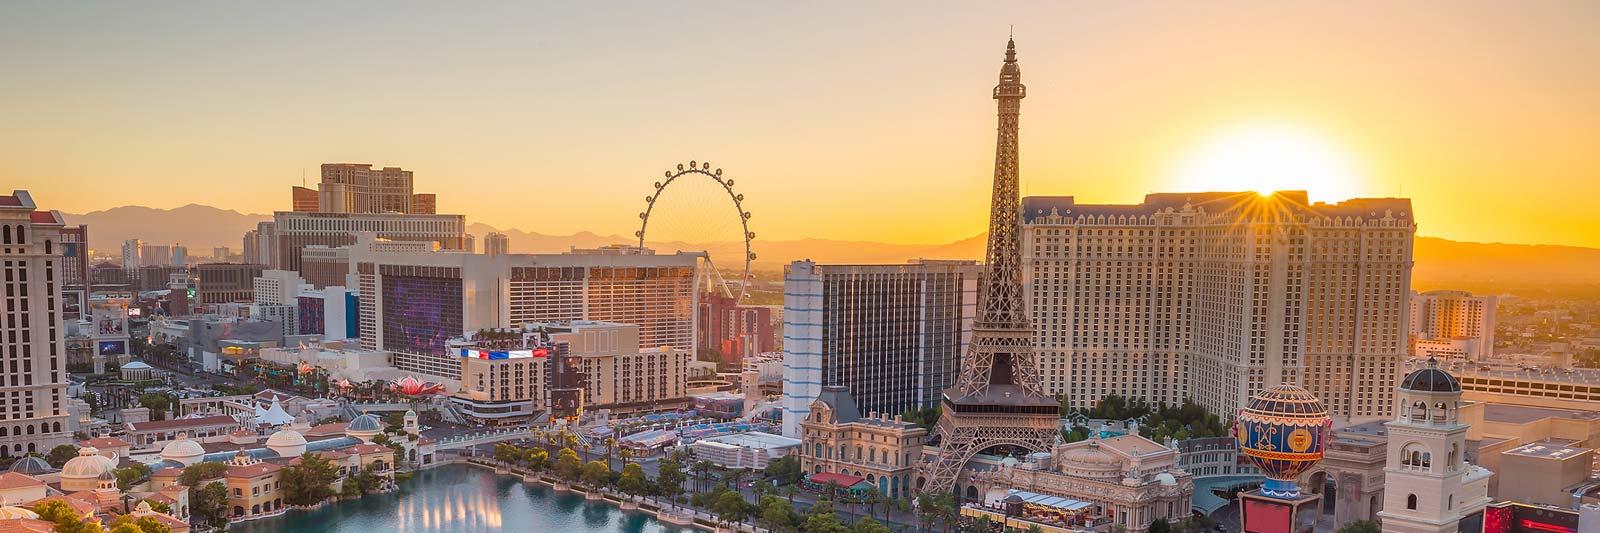 Las Vegas Strip Package